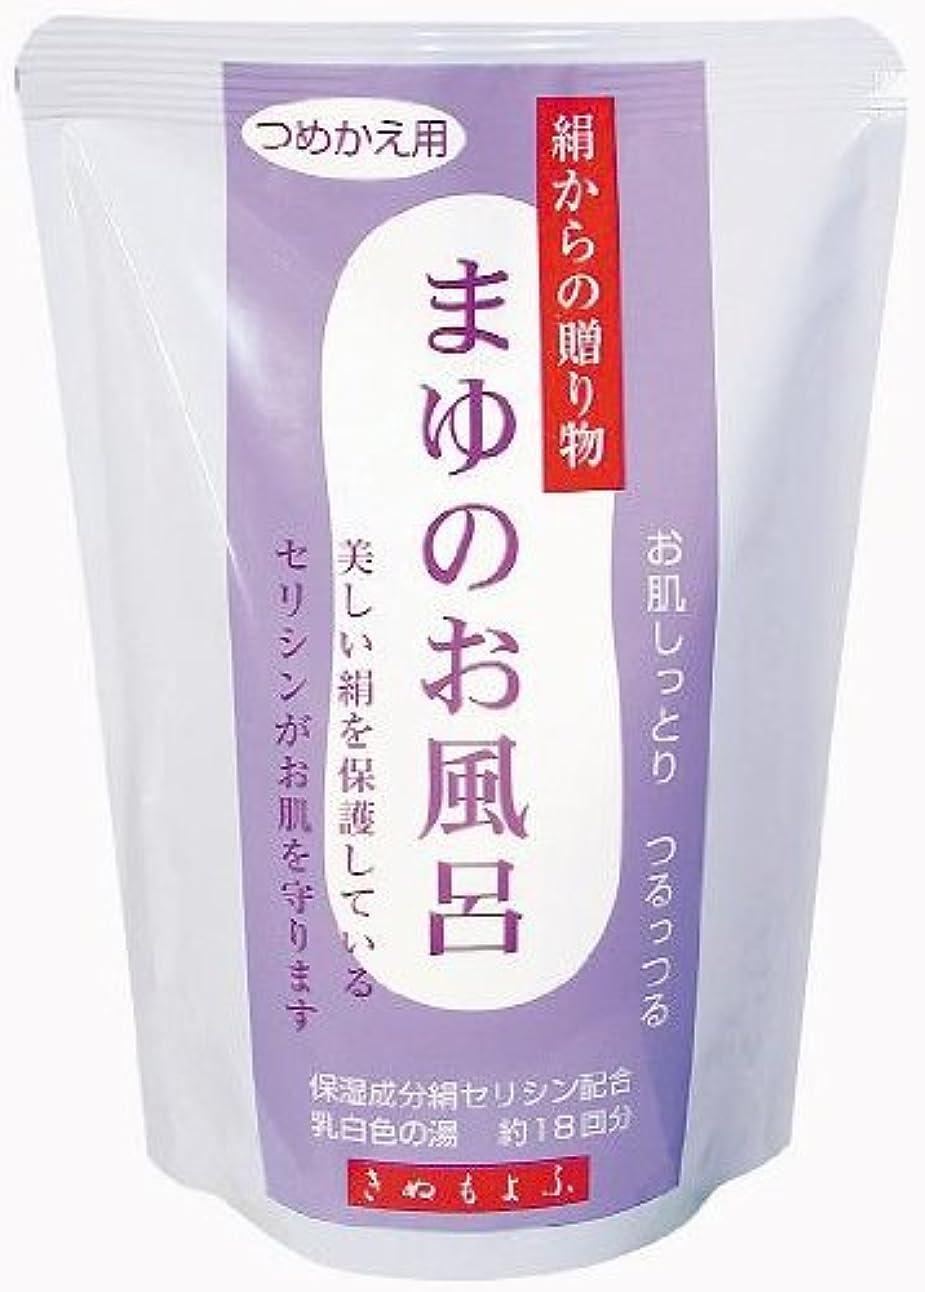 組立緯度洞窟まゆシリーズ きぬもよふ まゆのお風呂詰替 浴用化粧料 450ml(約18回分)